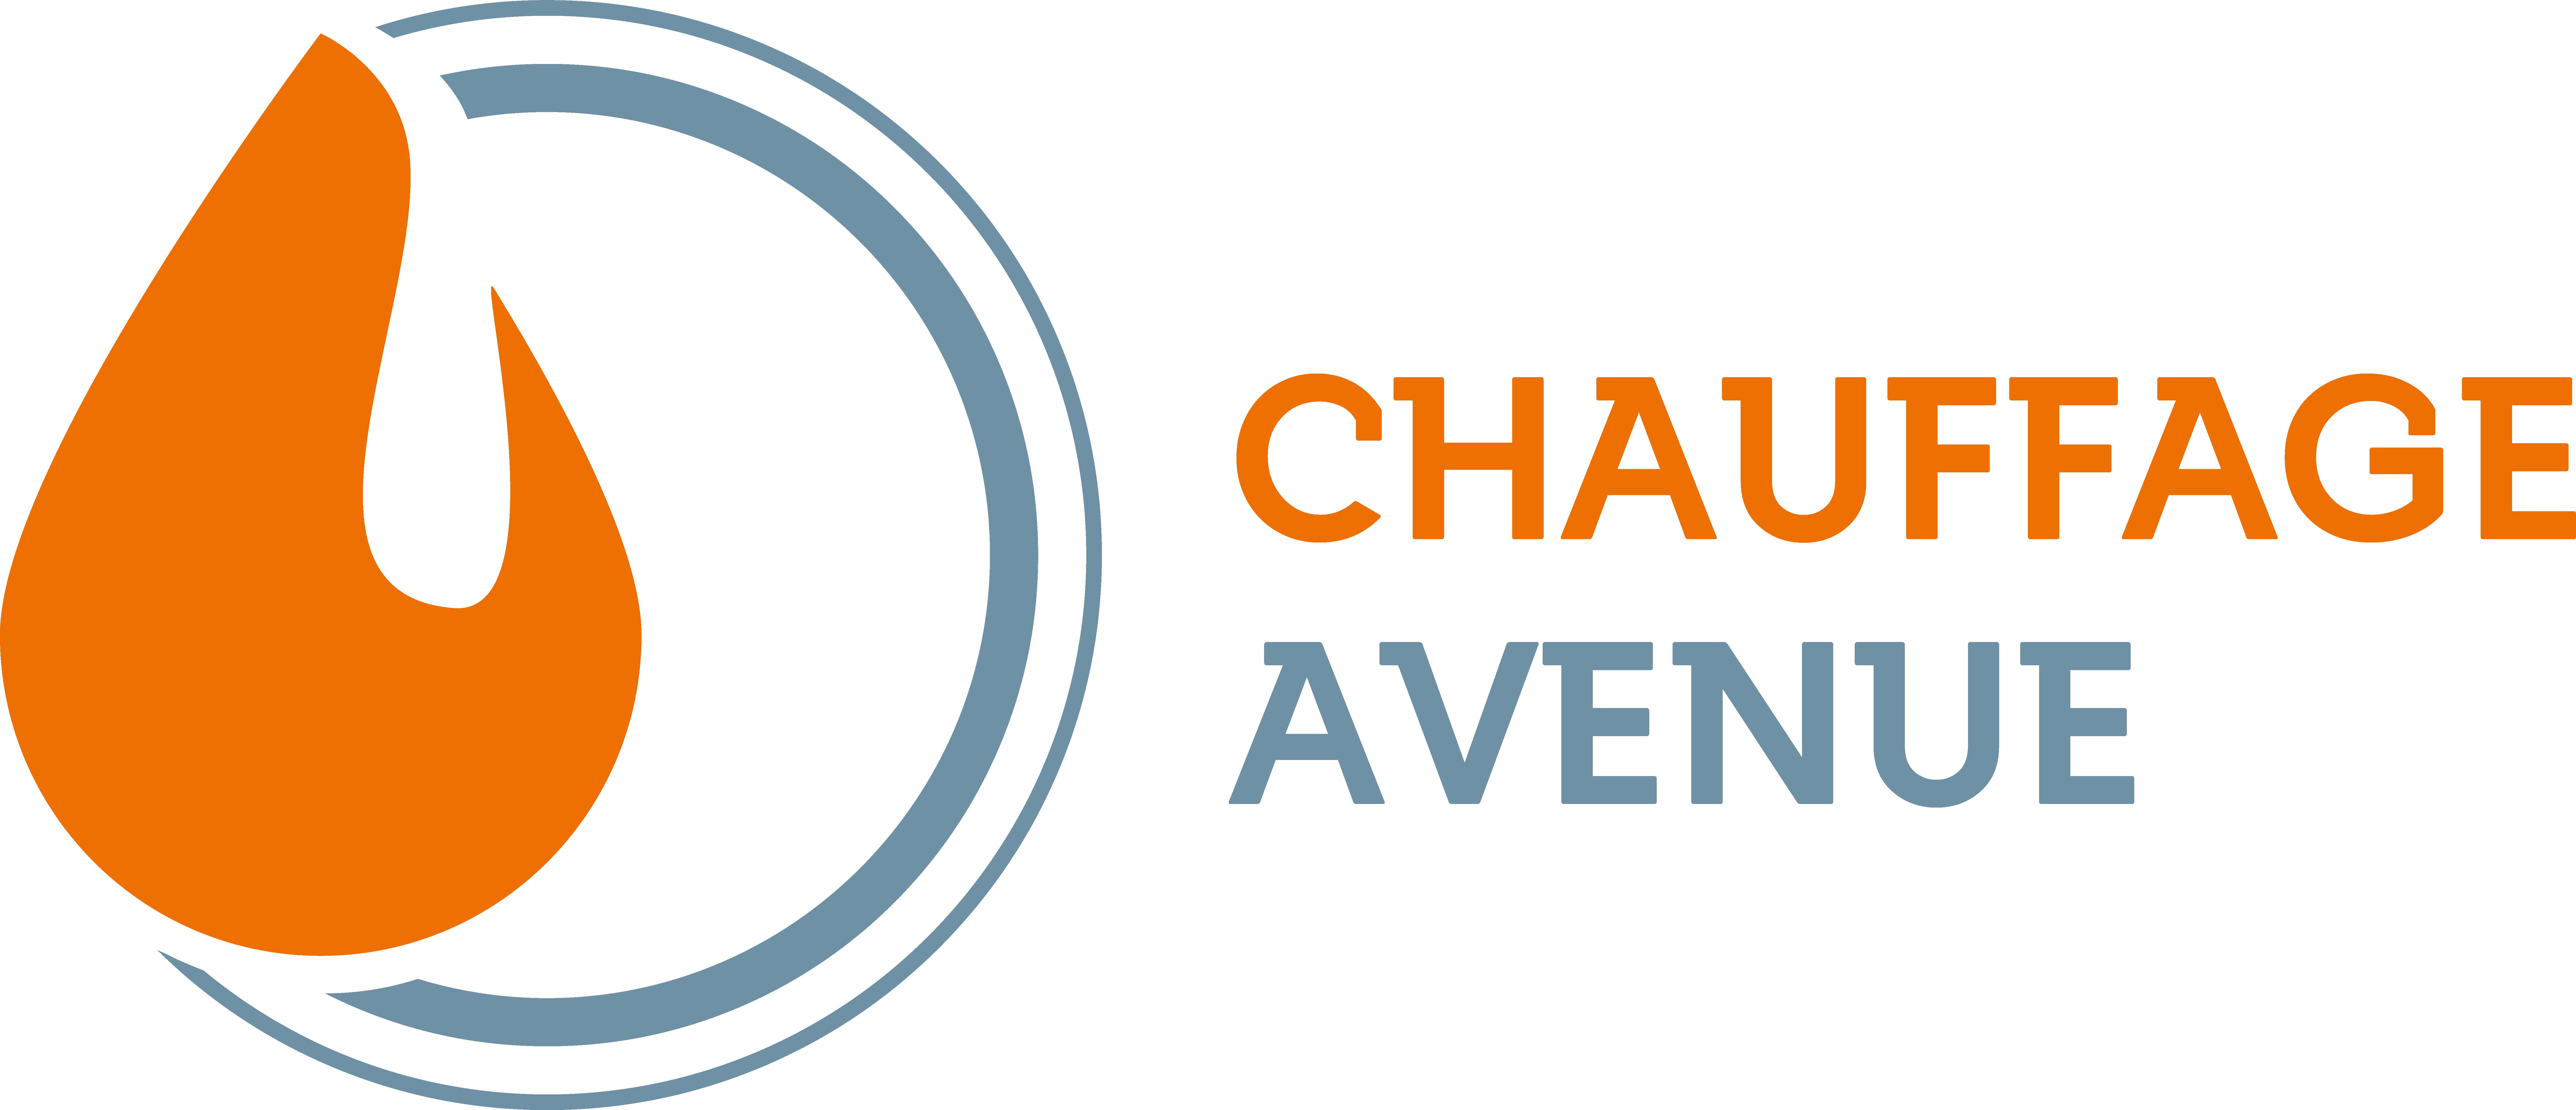 Chauffage Avenue : le site référence en matière de chauffage